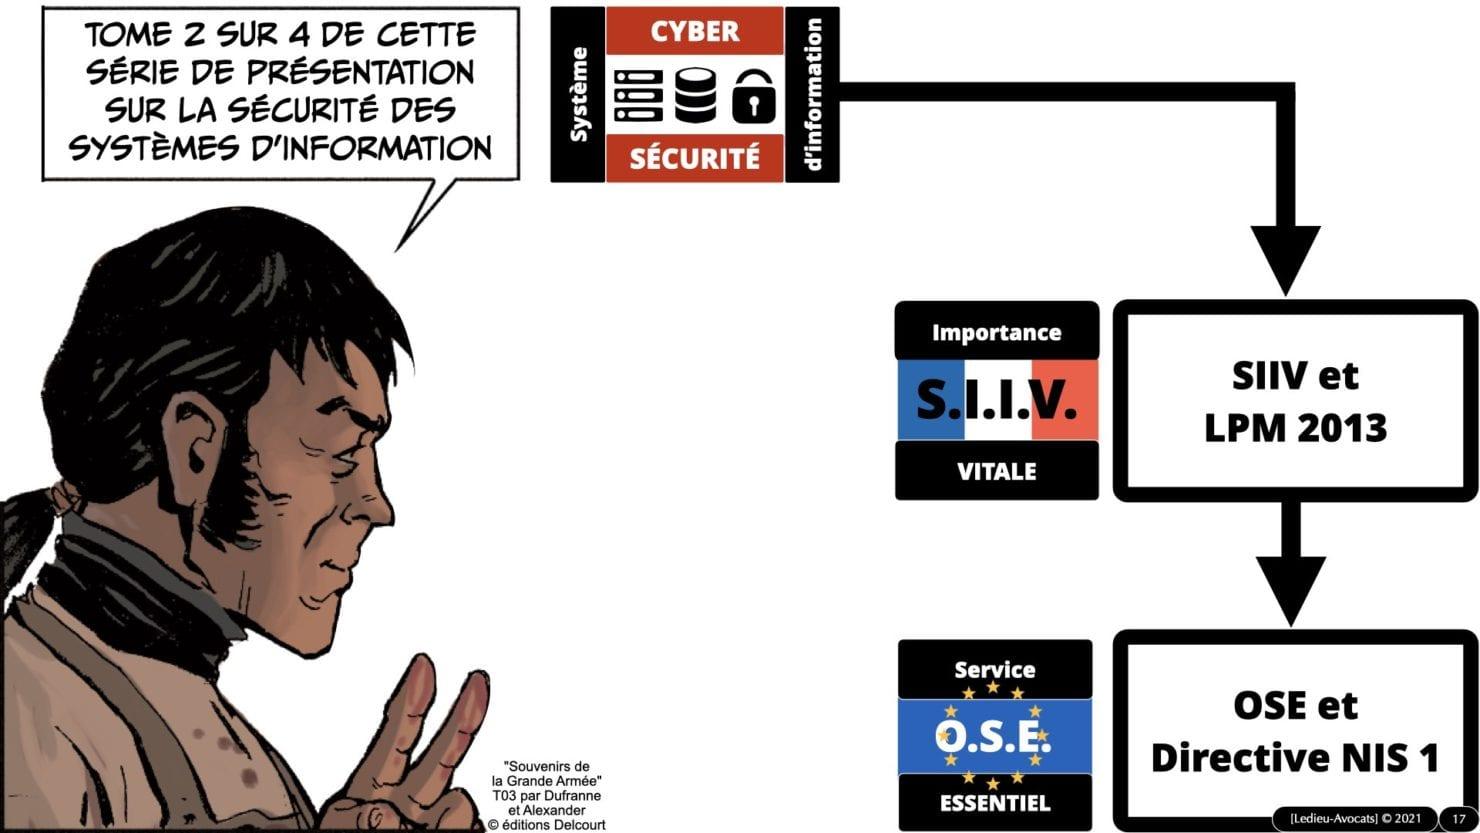 342 cyber sécurité #2 OIV OSE analyse risque EBIOS RM © Ledieu-avocat 15-07-2021.017